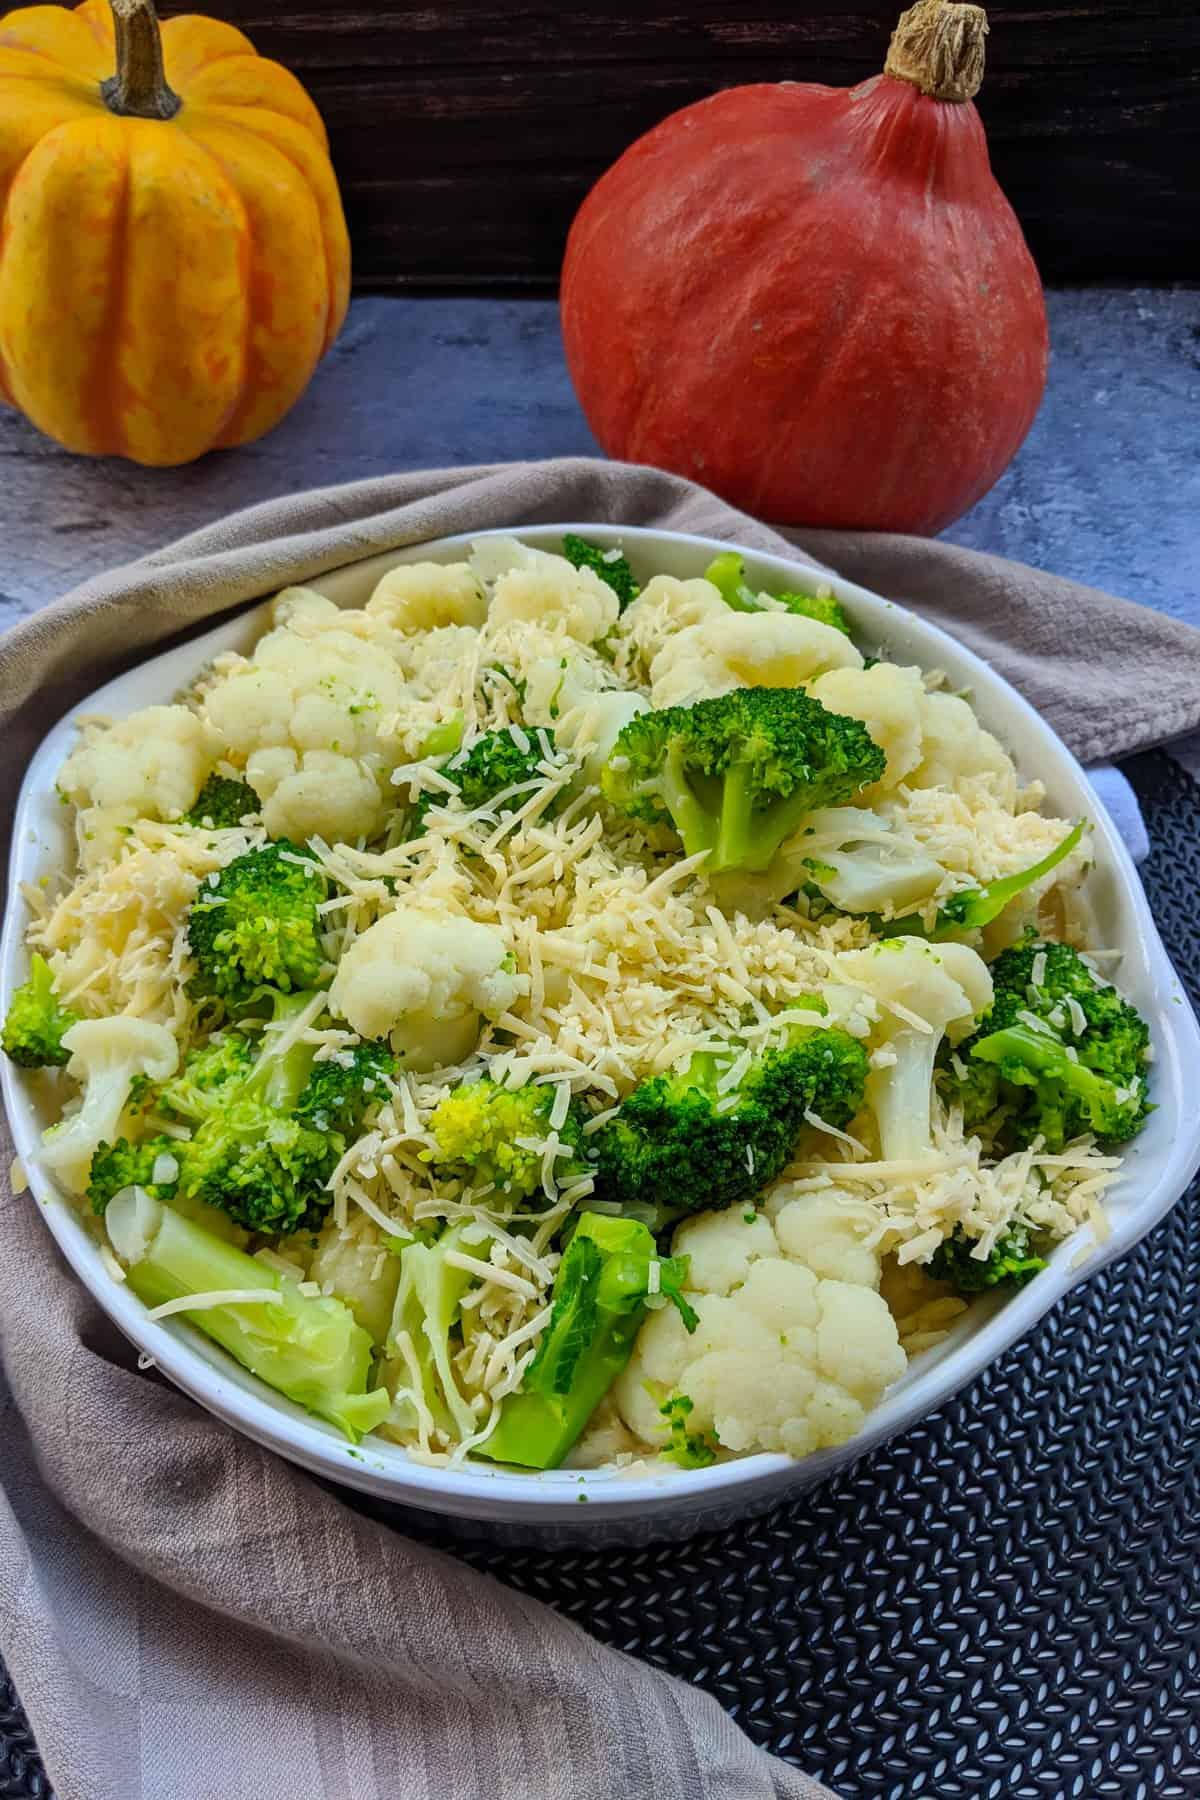 Vegetarischer Blumenkohl-Brokkoli Auflauf mit Kartoffeln und Lauch in einer weissen Auflaufform.